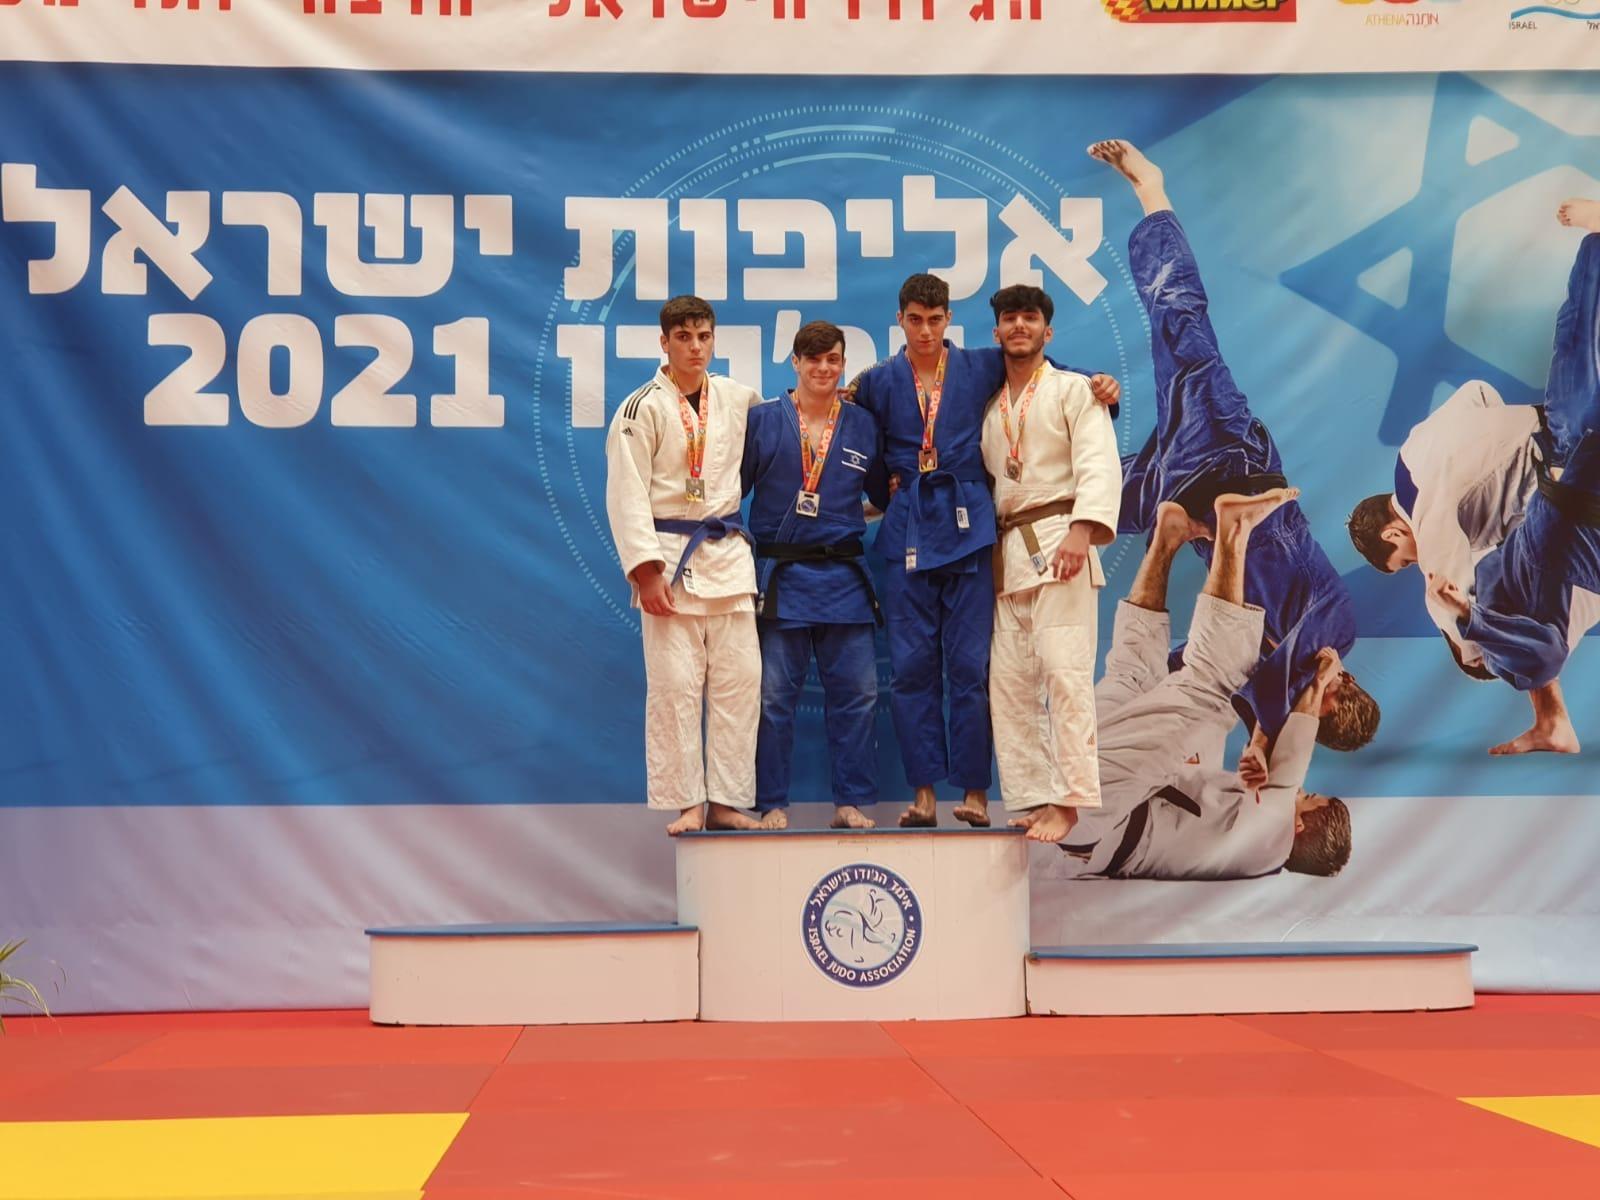 """במקום הראשון בארץ: ההישגים של ג'ודאי מועדון עצמה סמוראי דו ראשל""""צ באליפות ישראל בקדטים"""